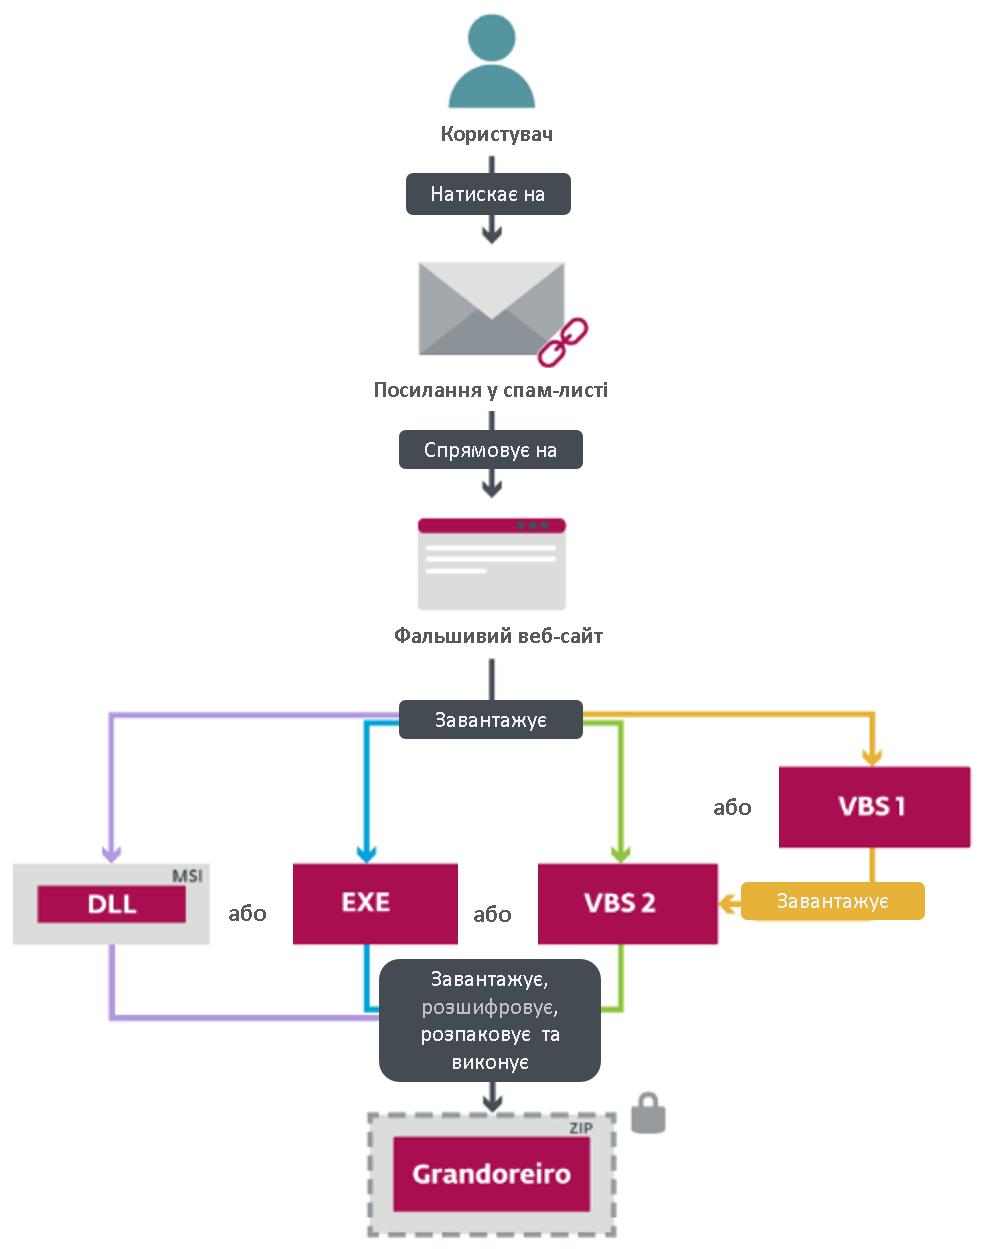 Приклад зараження банківським трояном Grandoreiro - дослідження ESET.